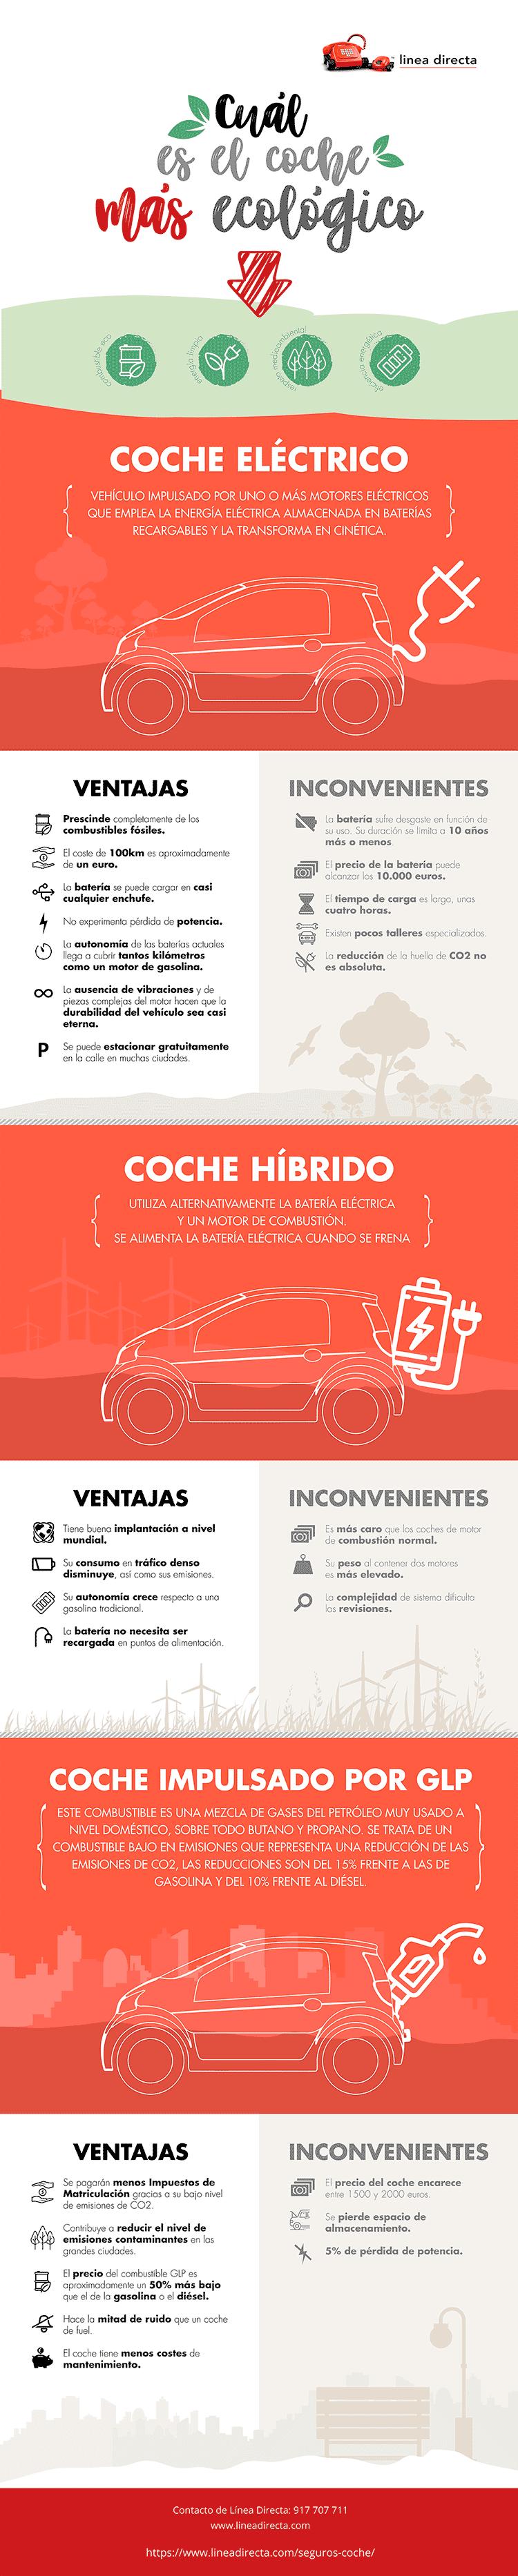 Infografia_Qué tipo de coche es más ecológico